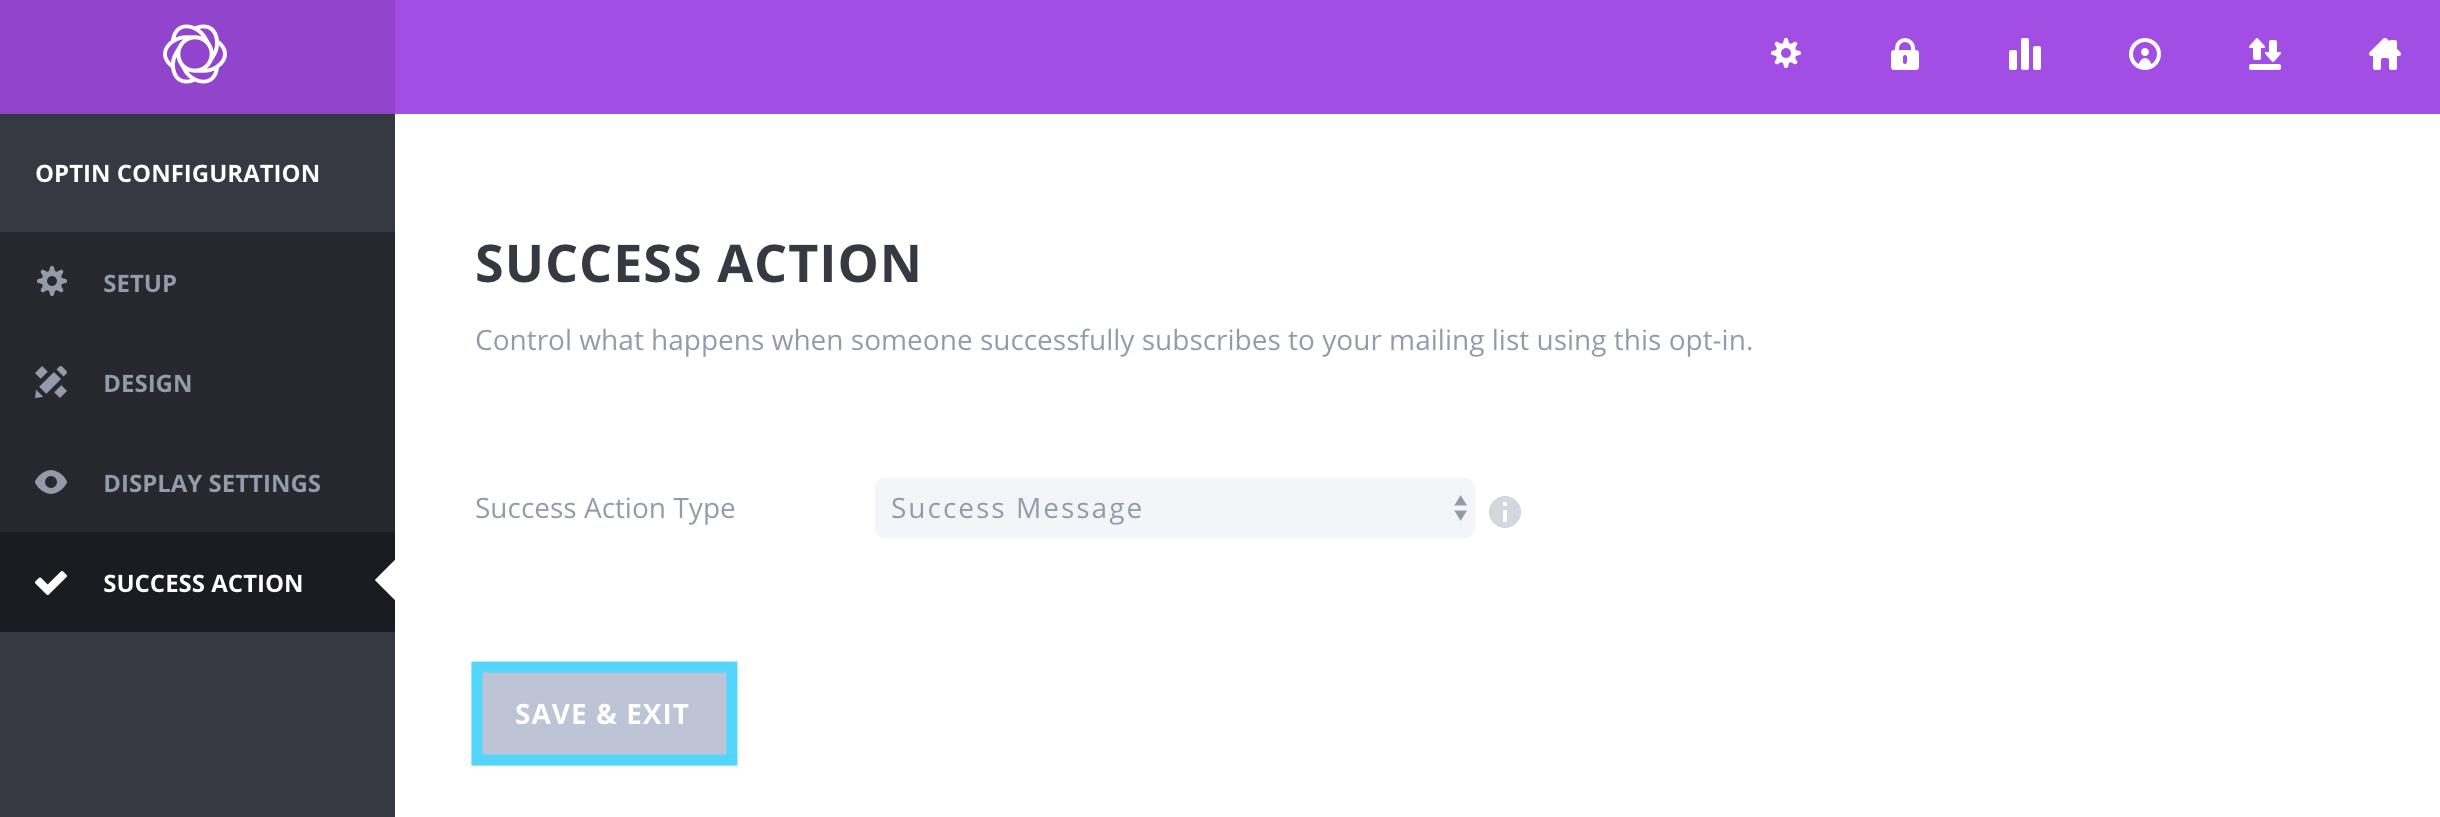 BloomプラグインでSuccess Actionを設定する方法 Seccess Messageを表示するパターン